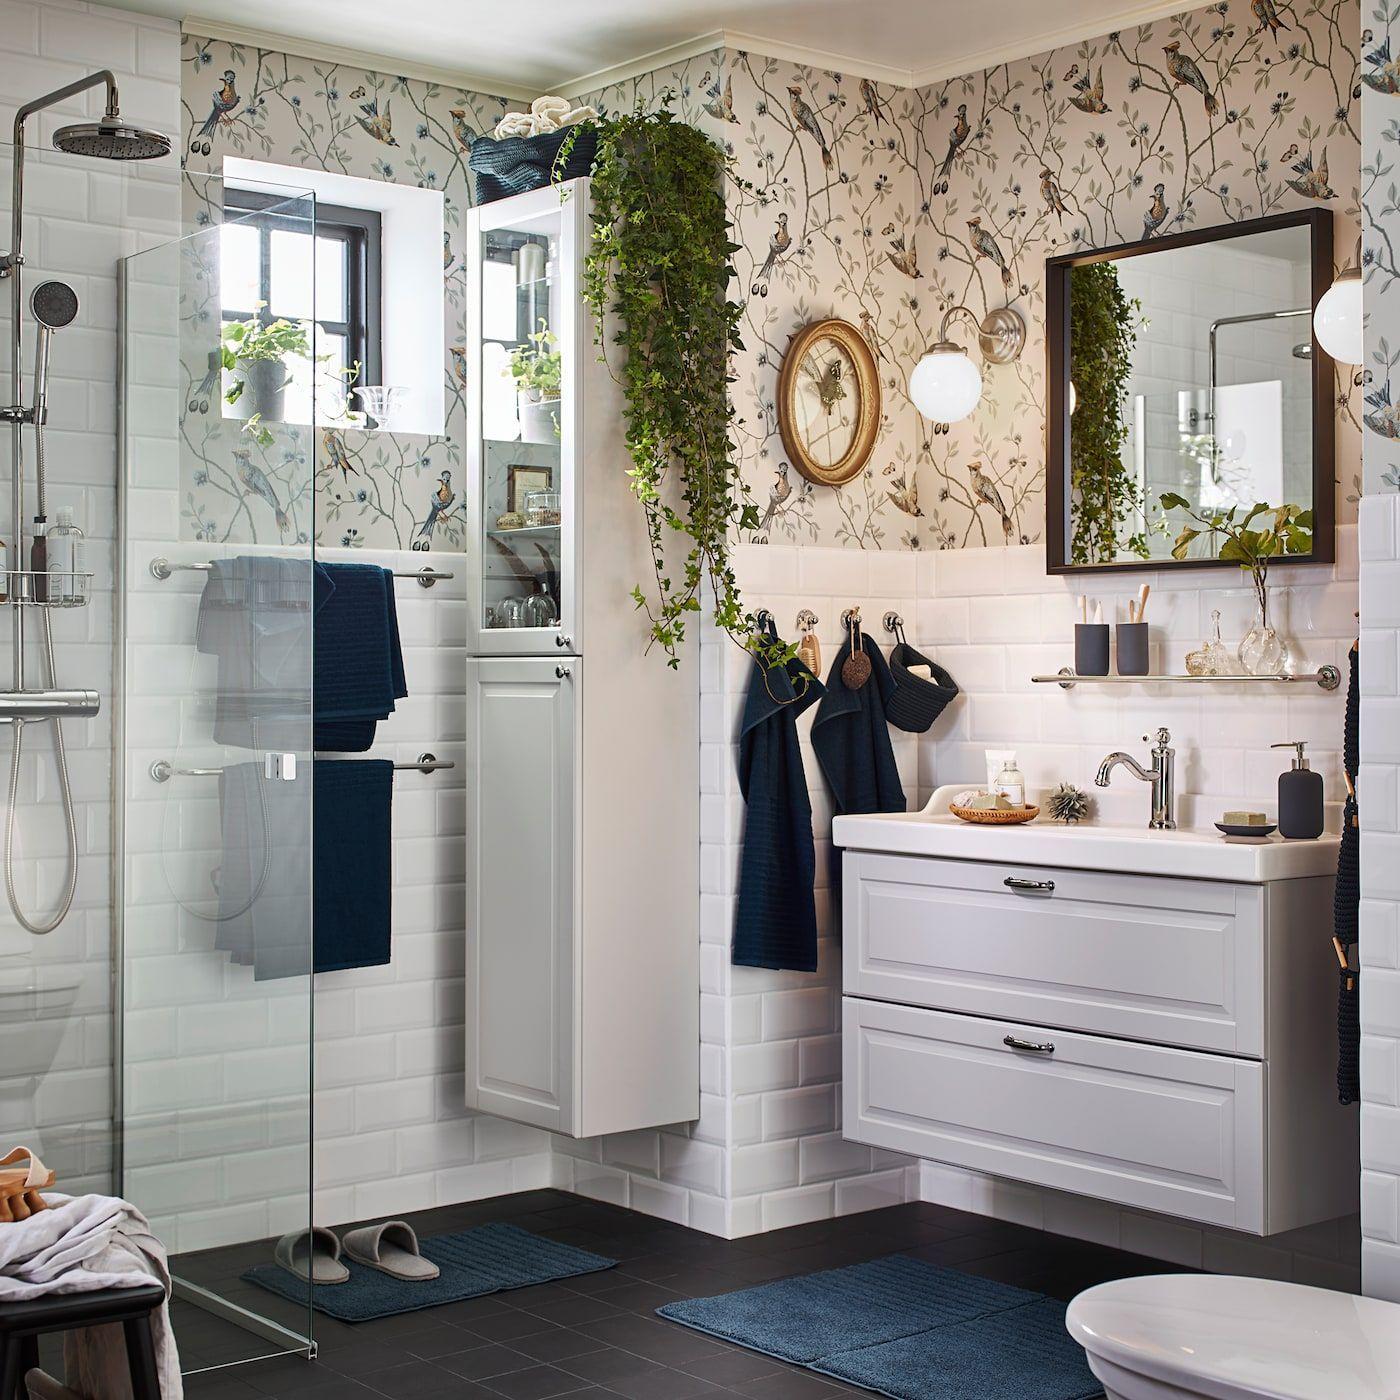 Ein Romantischer Entspannender Waschraum In 2020 Ikea Bathroom Bathroom Furniture Inspiration Ikea Godmorgon